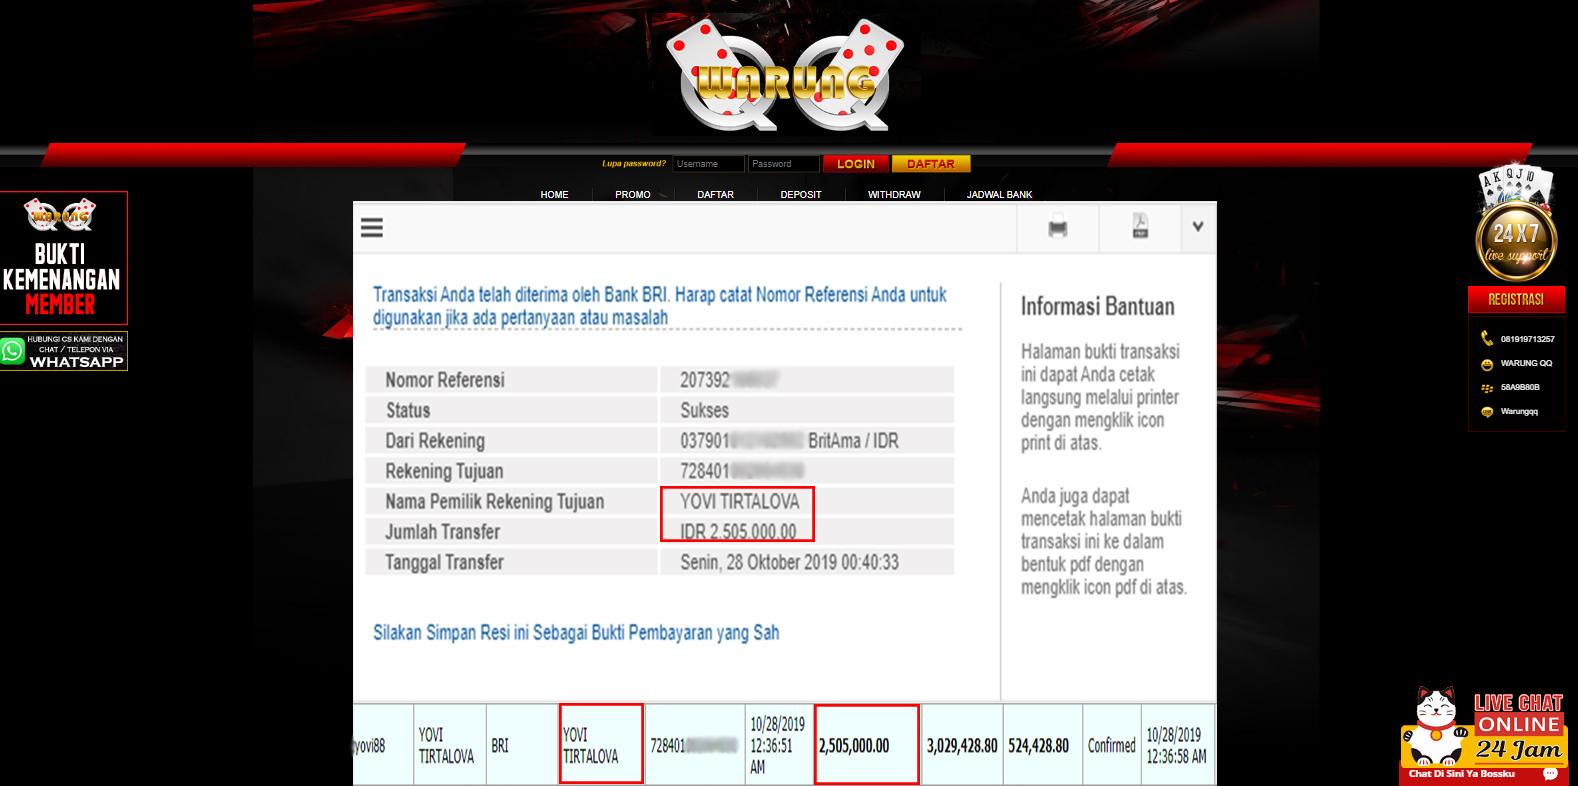 Selamat Kepada Member Setia WARUNGQQ Withdraw RP 2.505.000